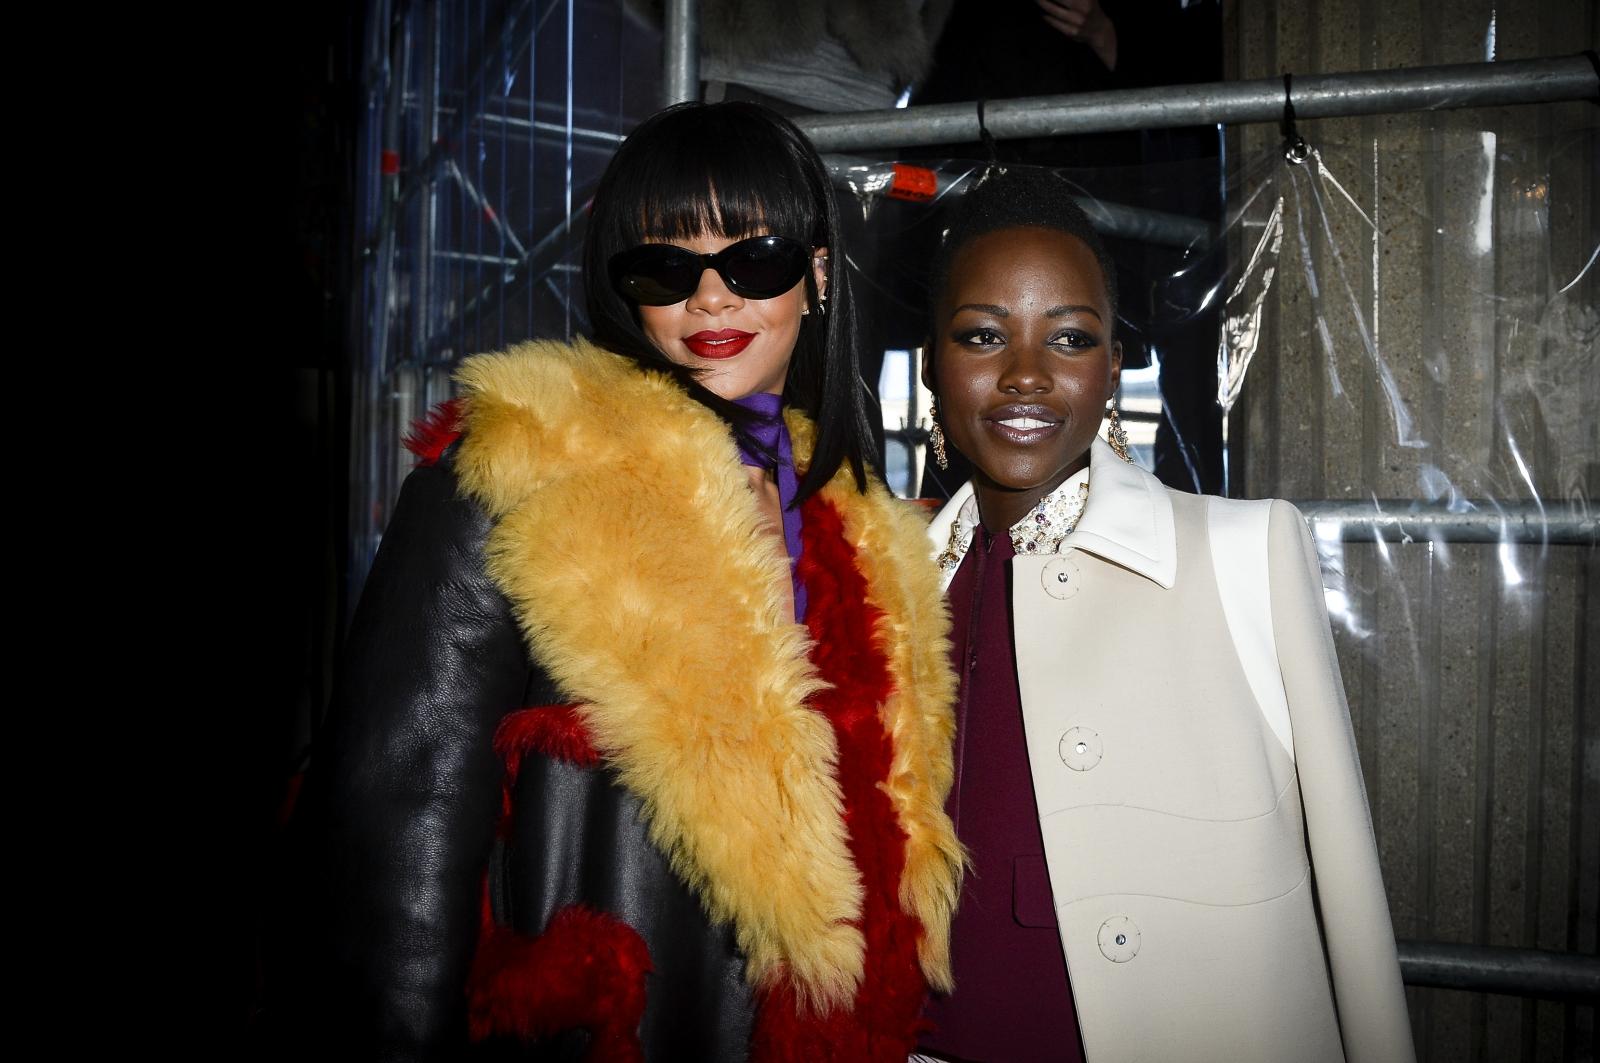 Rihanna and Lupita Nyong'o